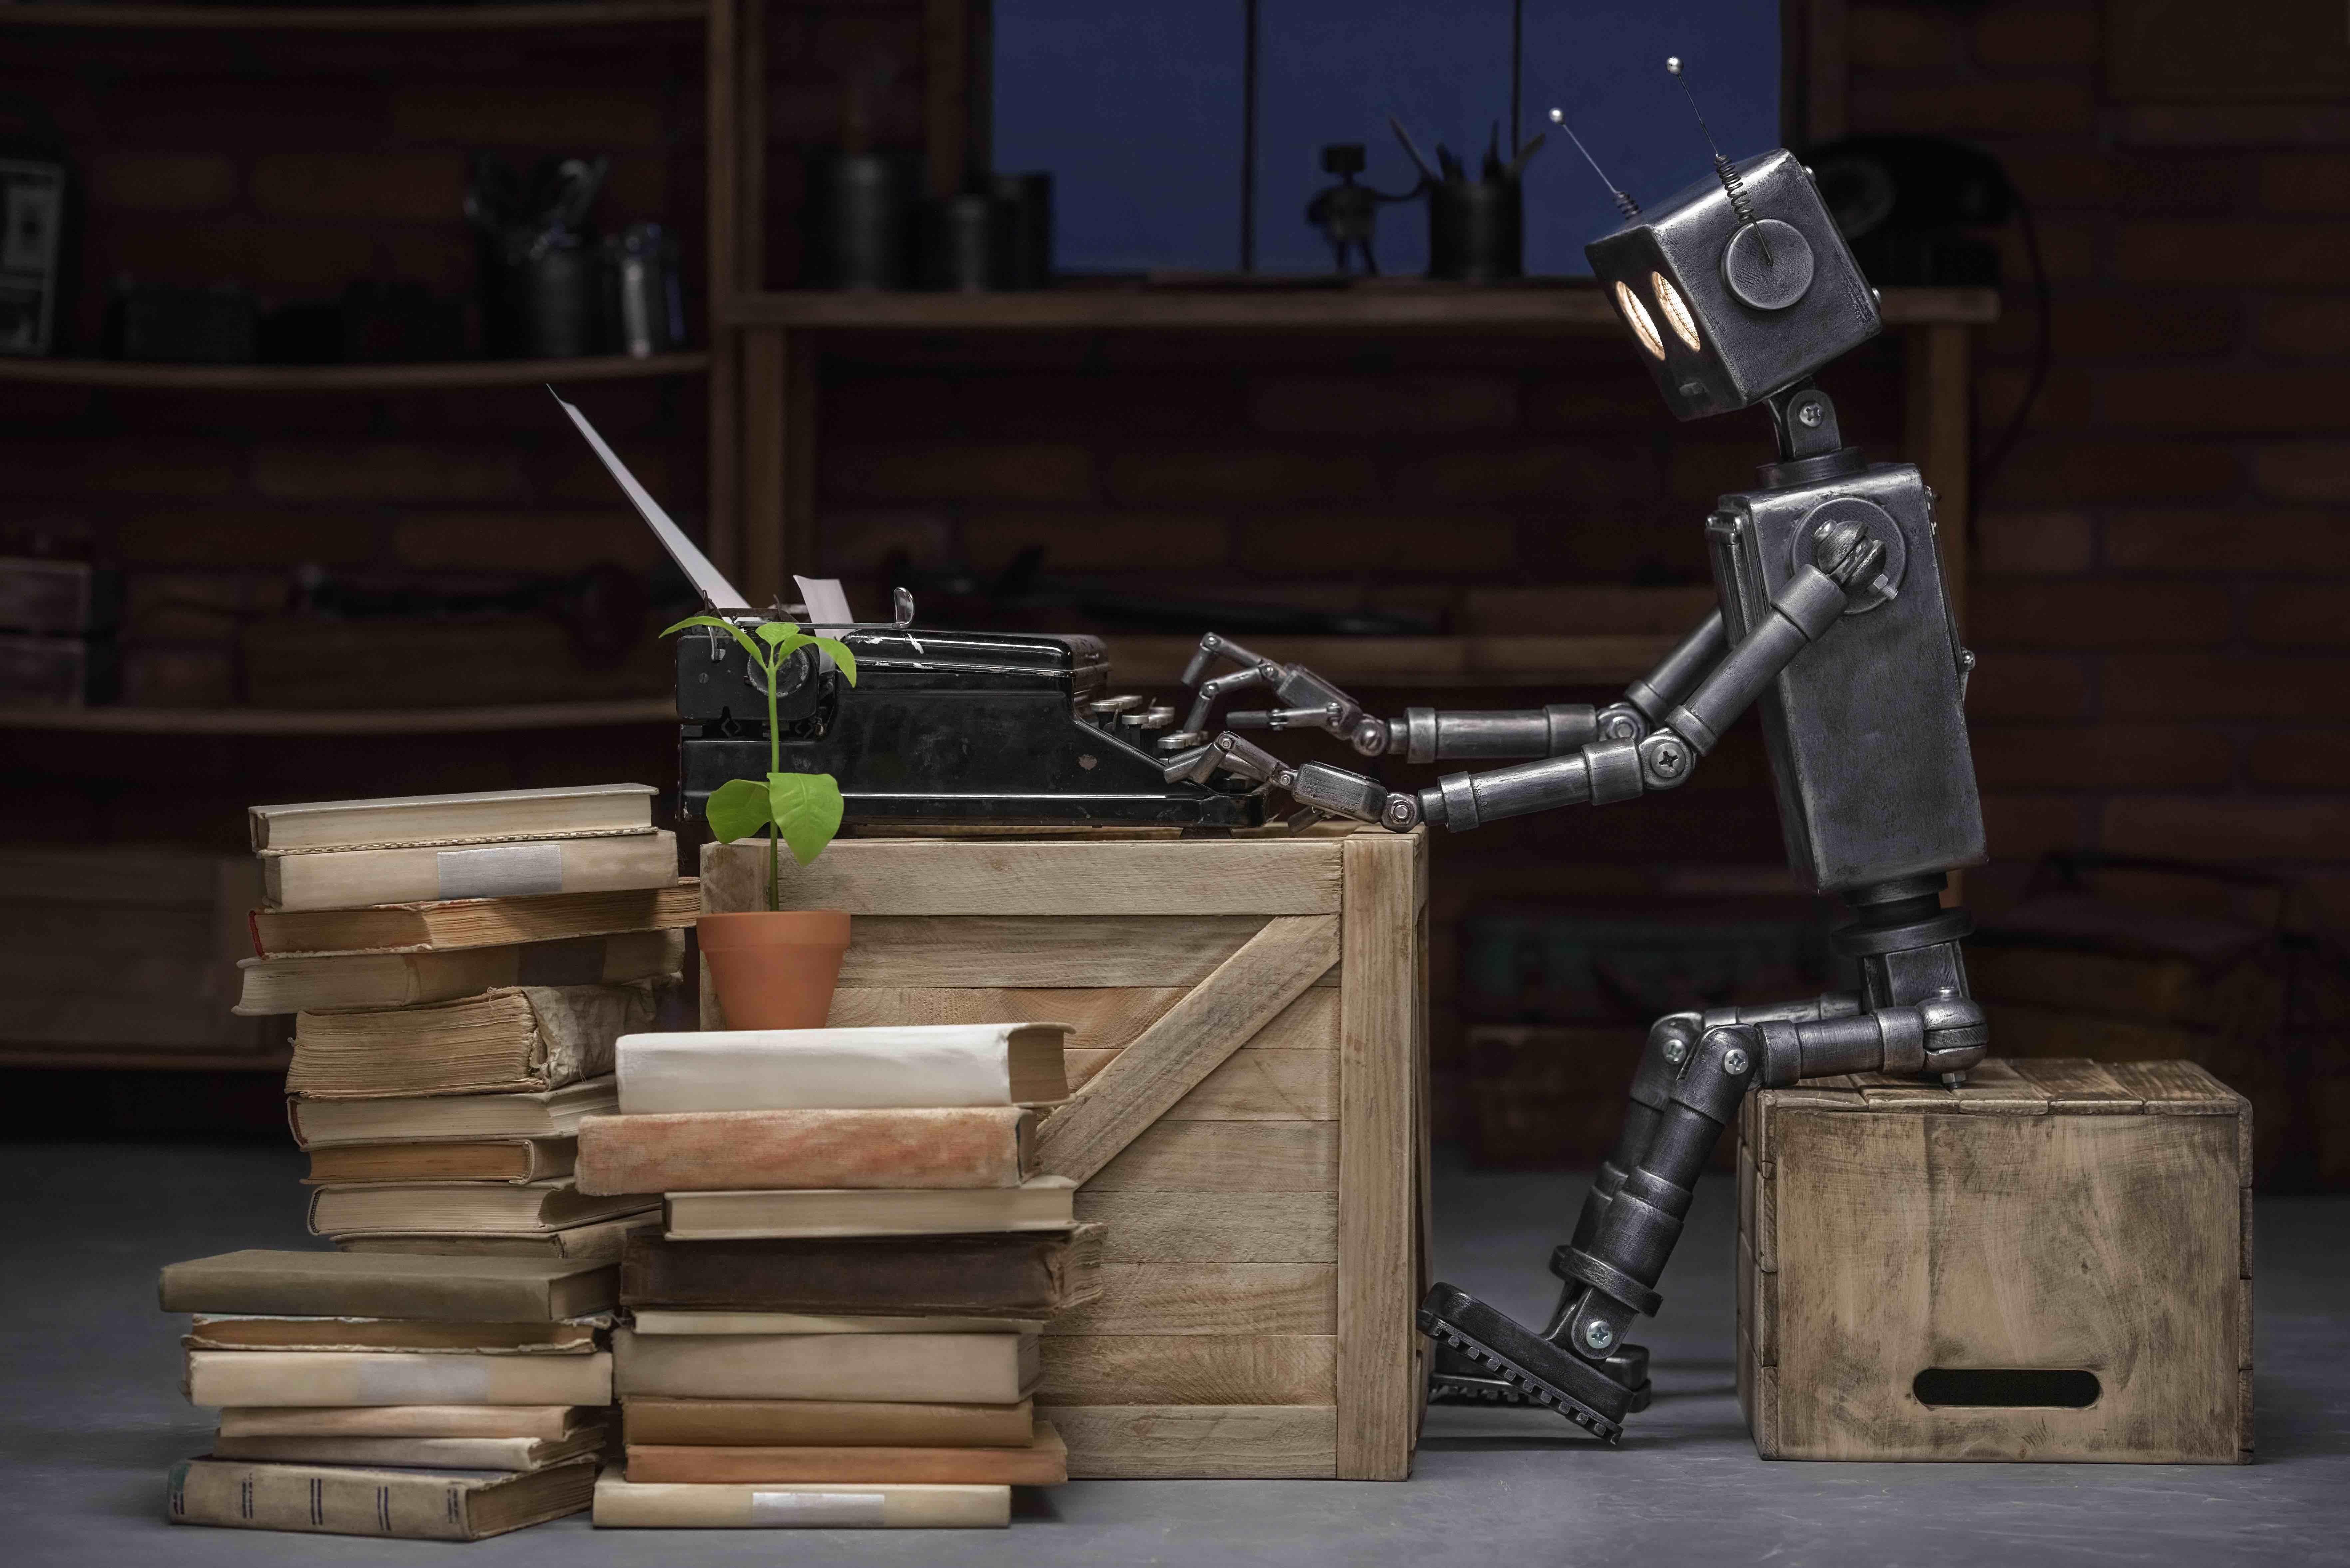 Robot_Storyteller